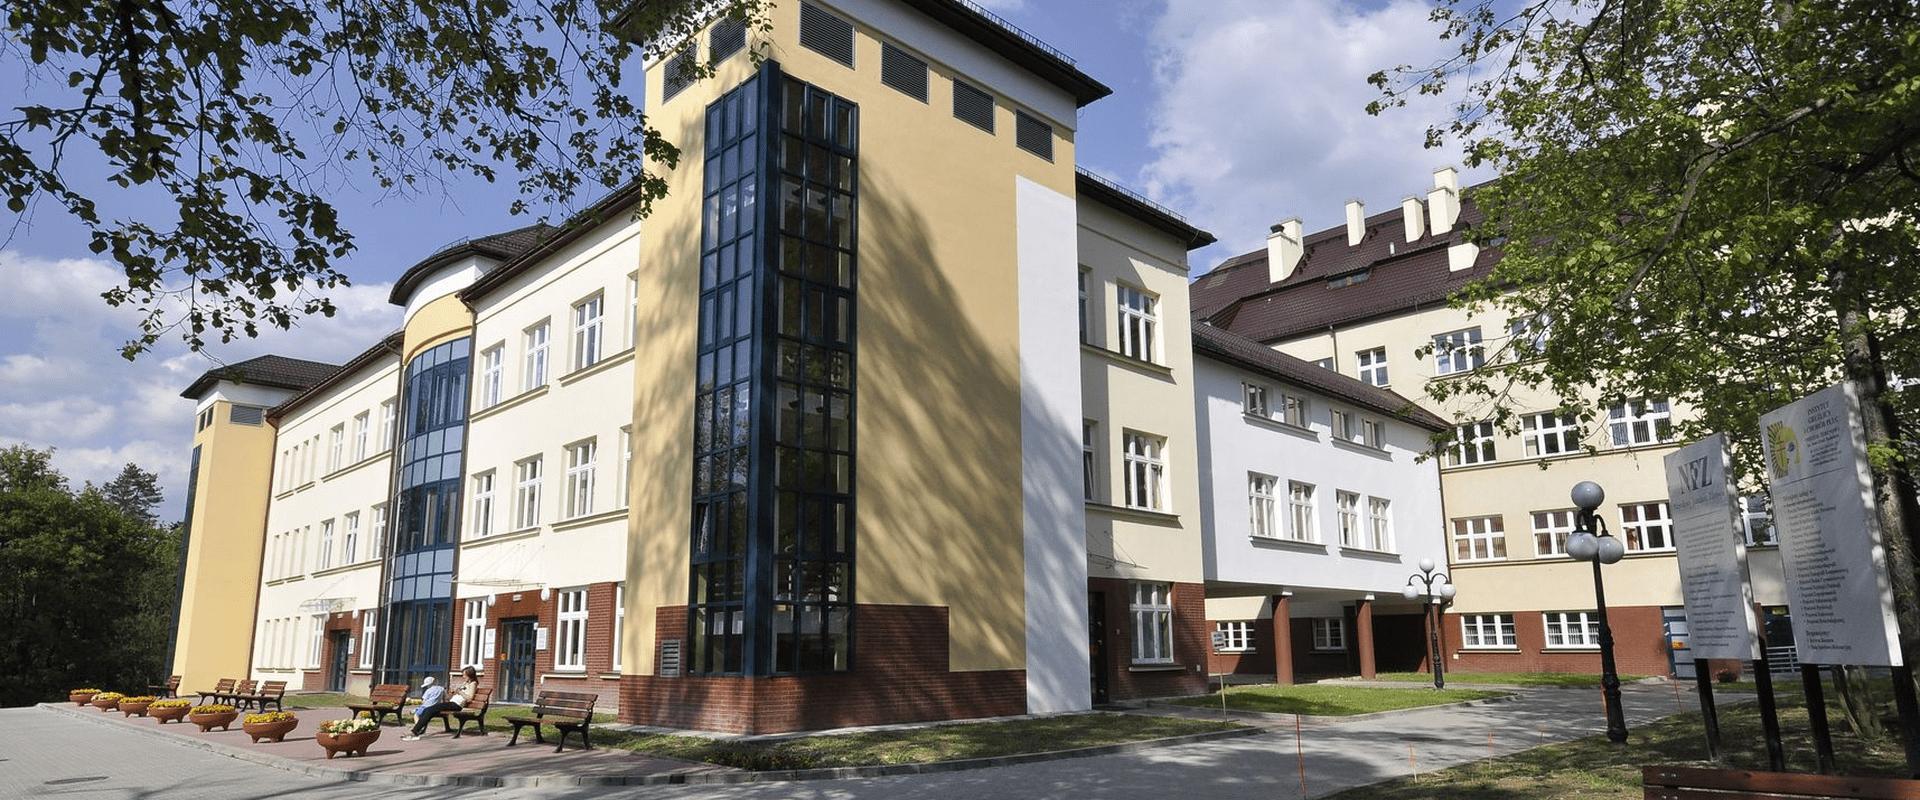 Paw 6 - budynek główny IGiChP